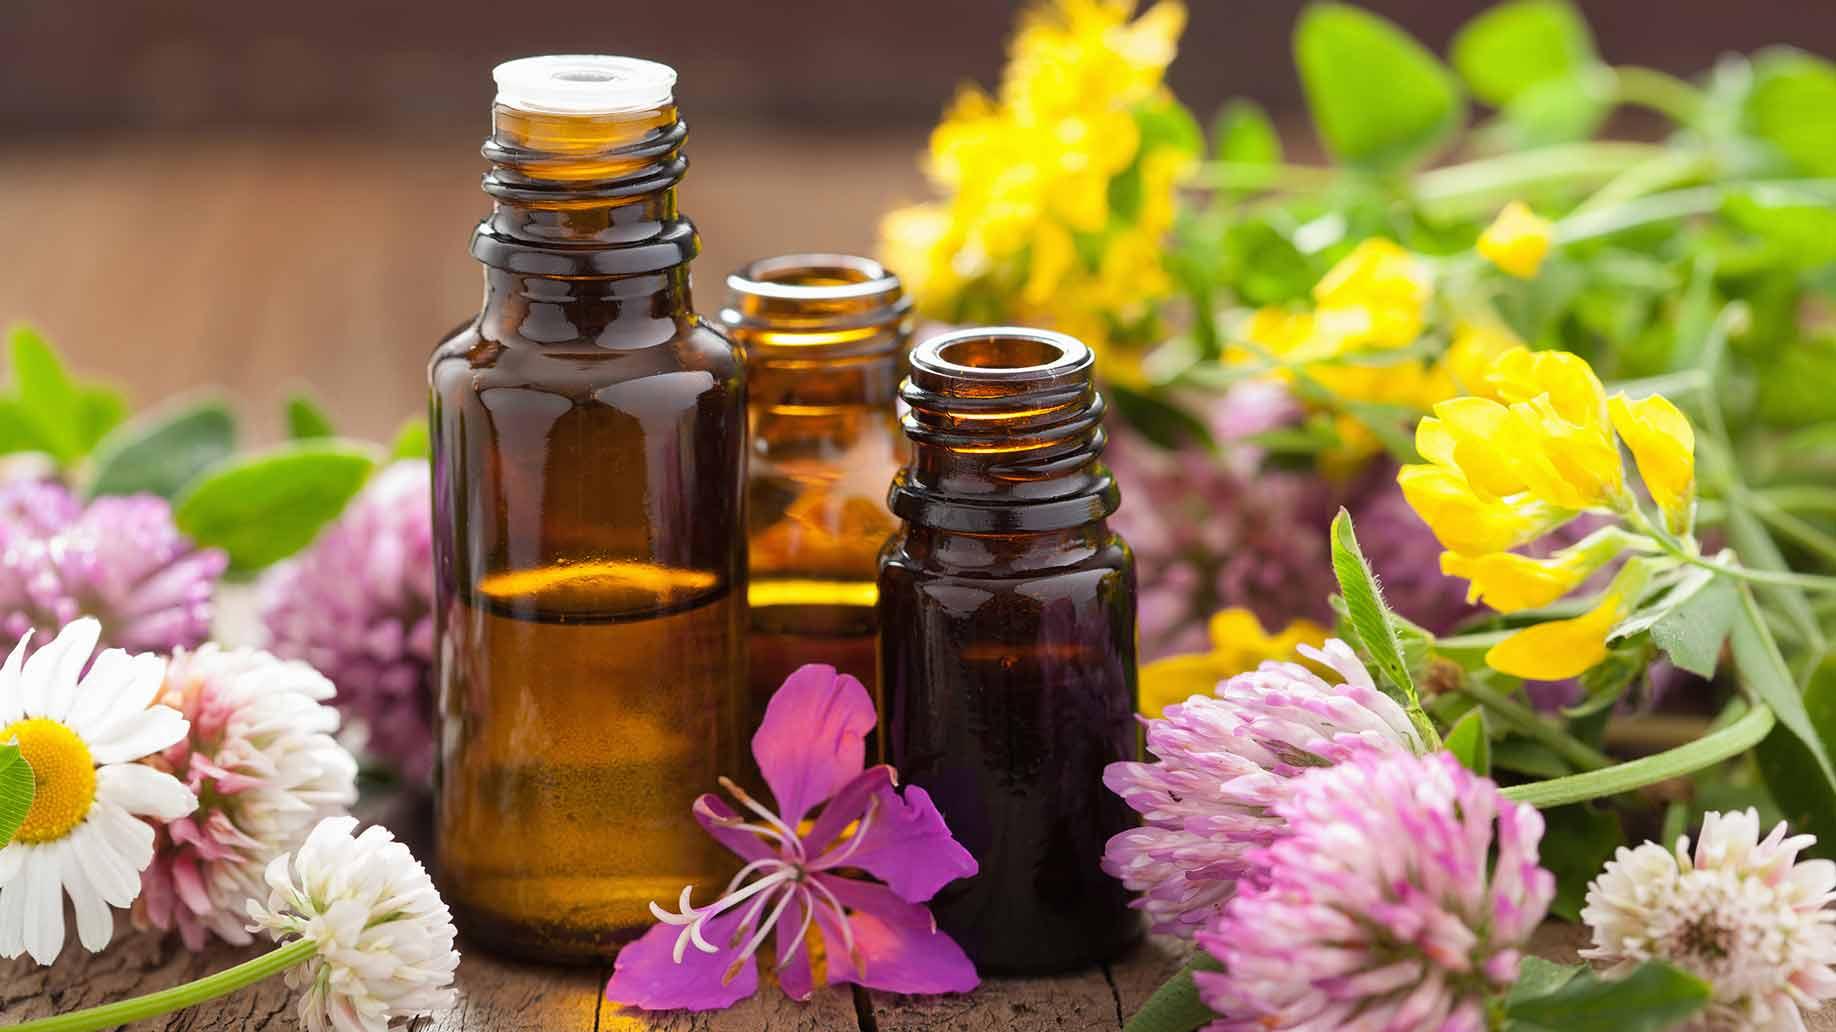 Essential Oils – Oils for Self Care